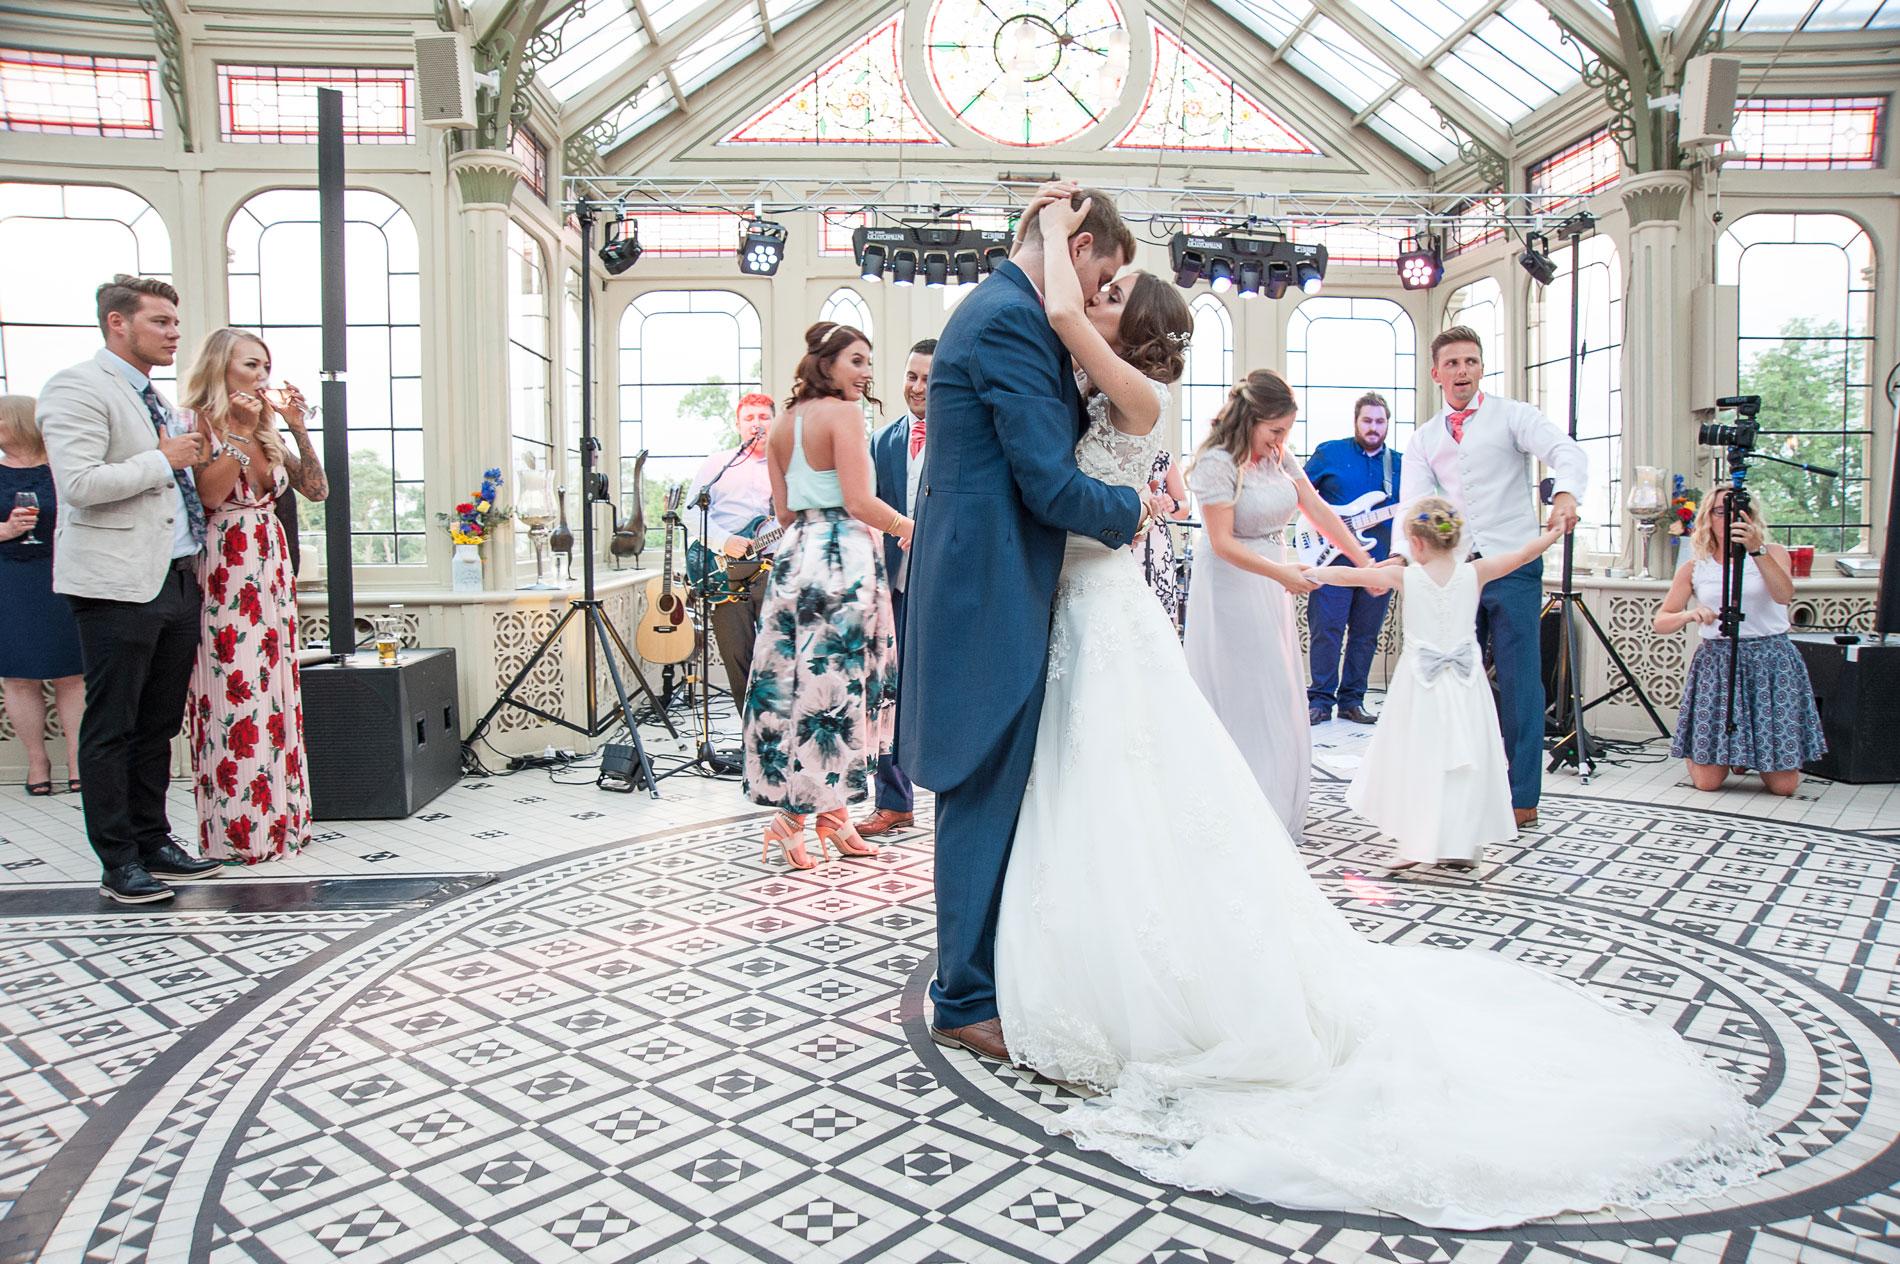 Kilworth-weddings-_80.jpg